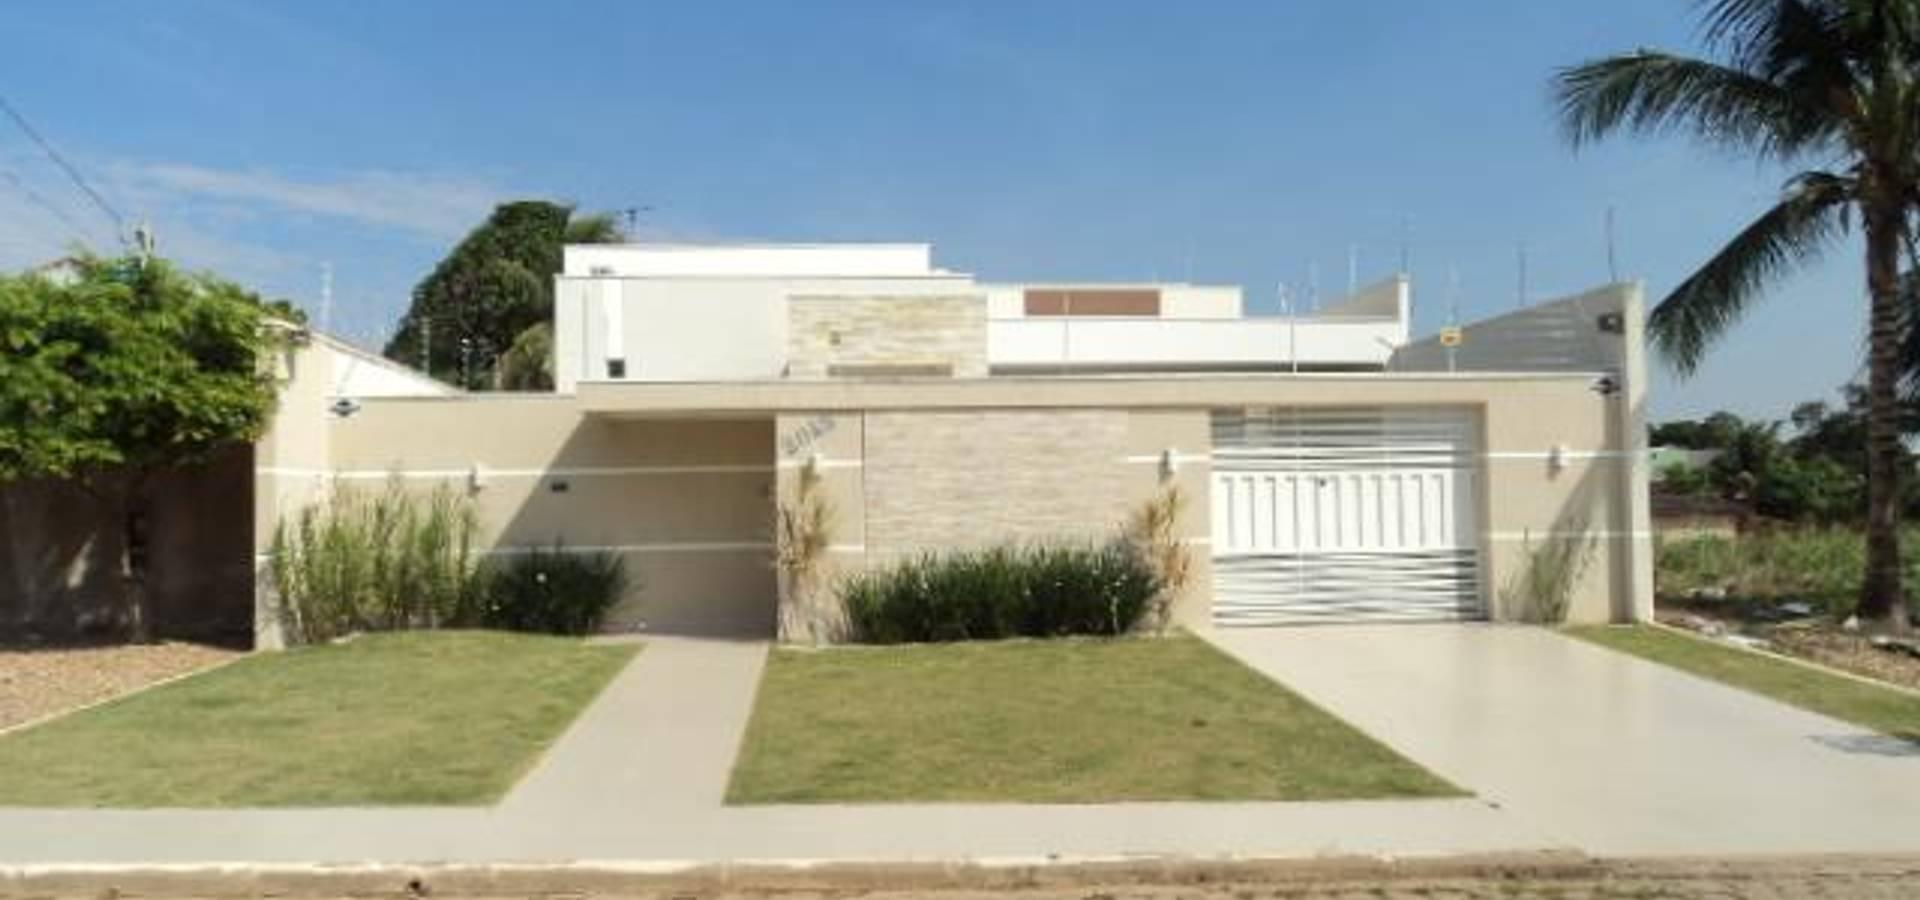 Ricardo Galego – Arquitetura e Engenharia